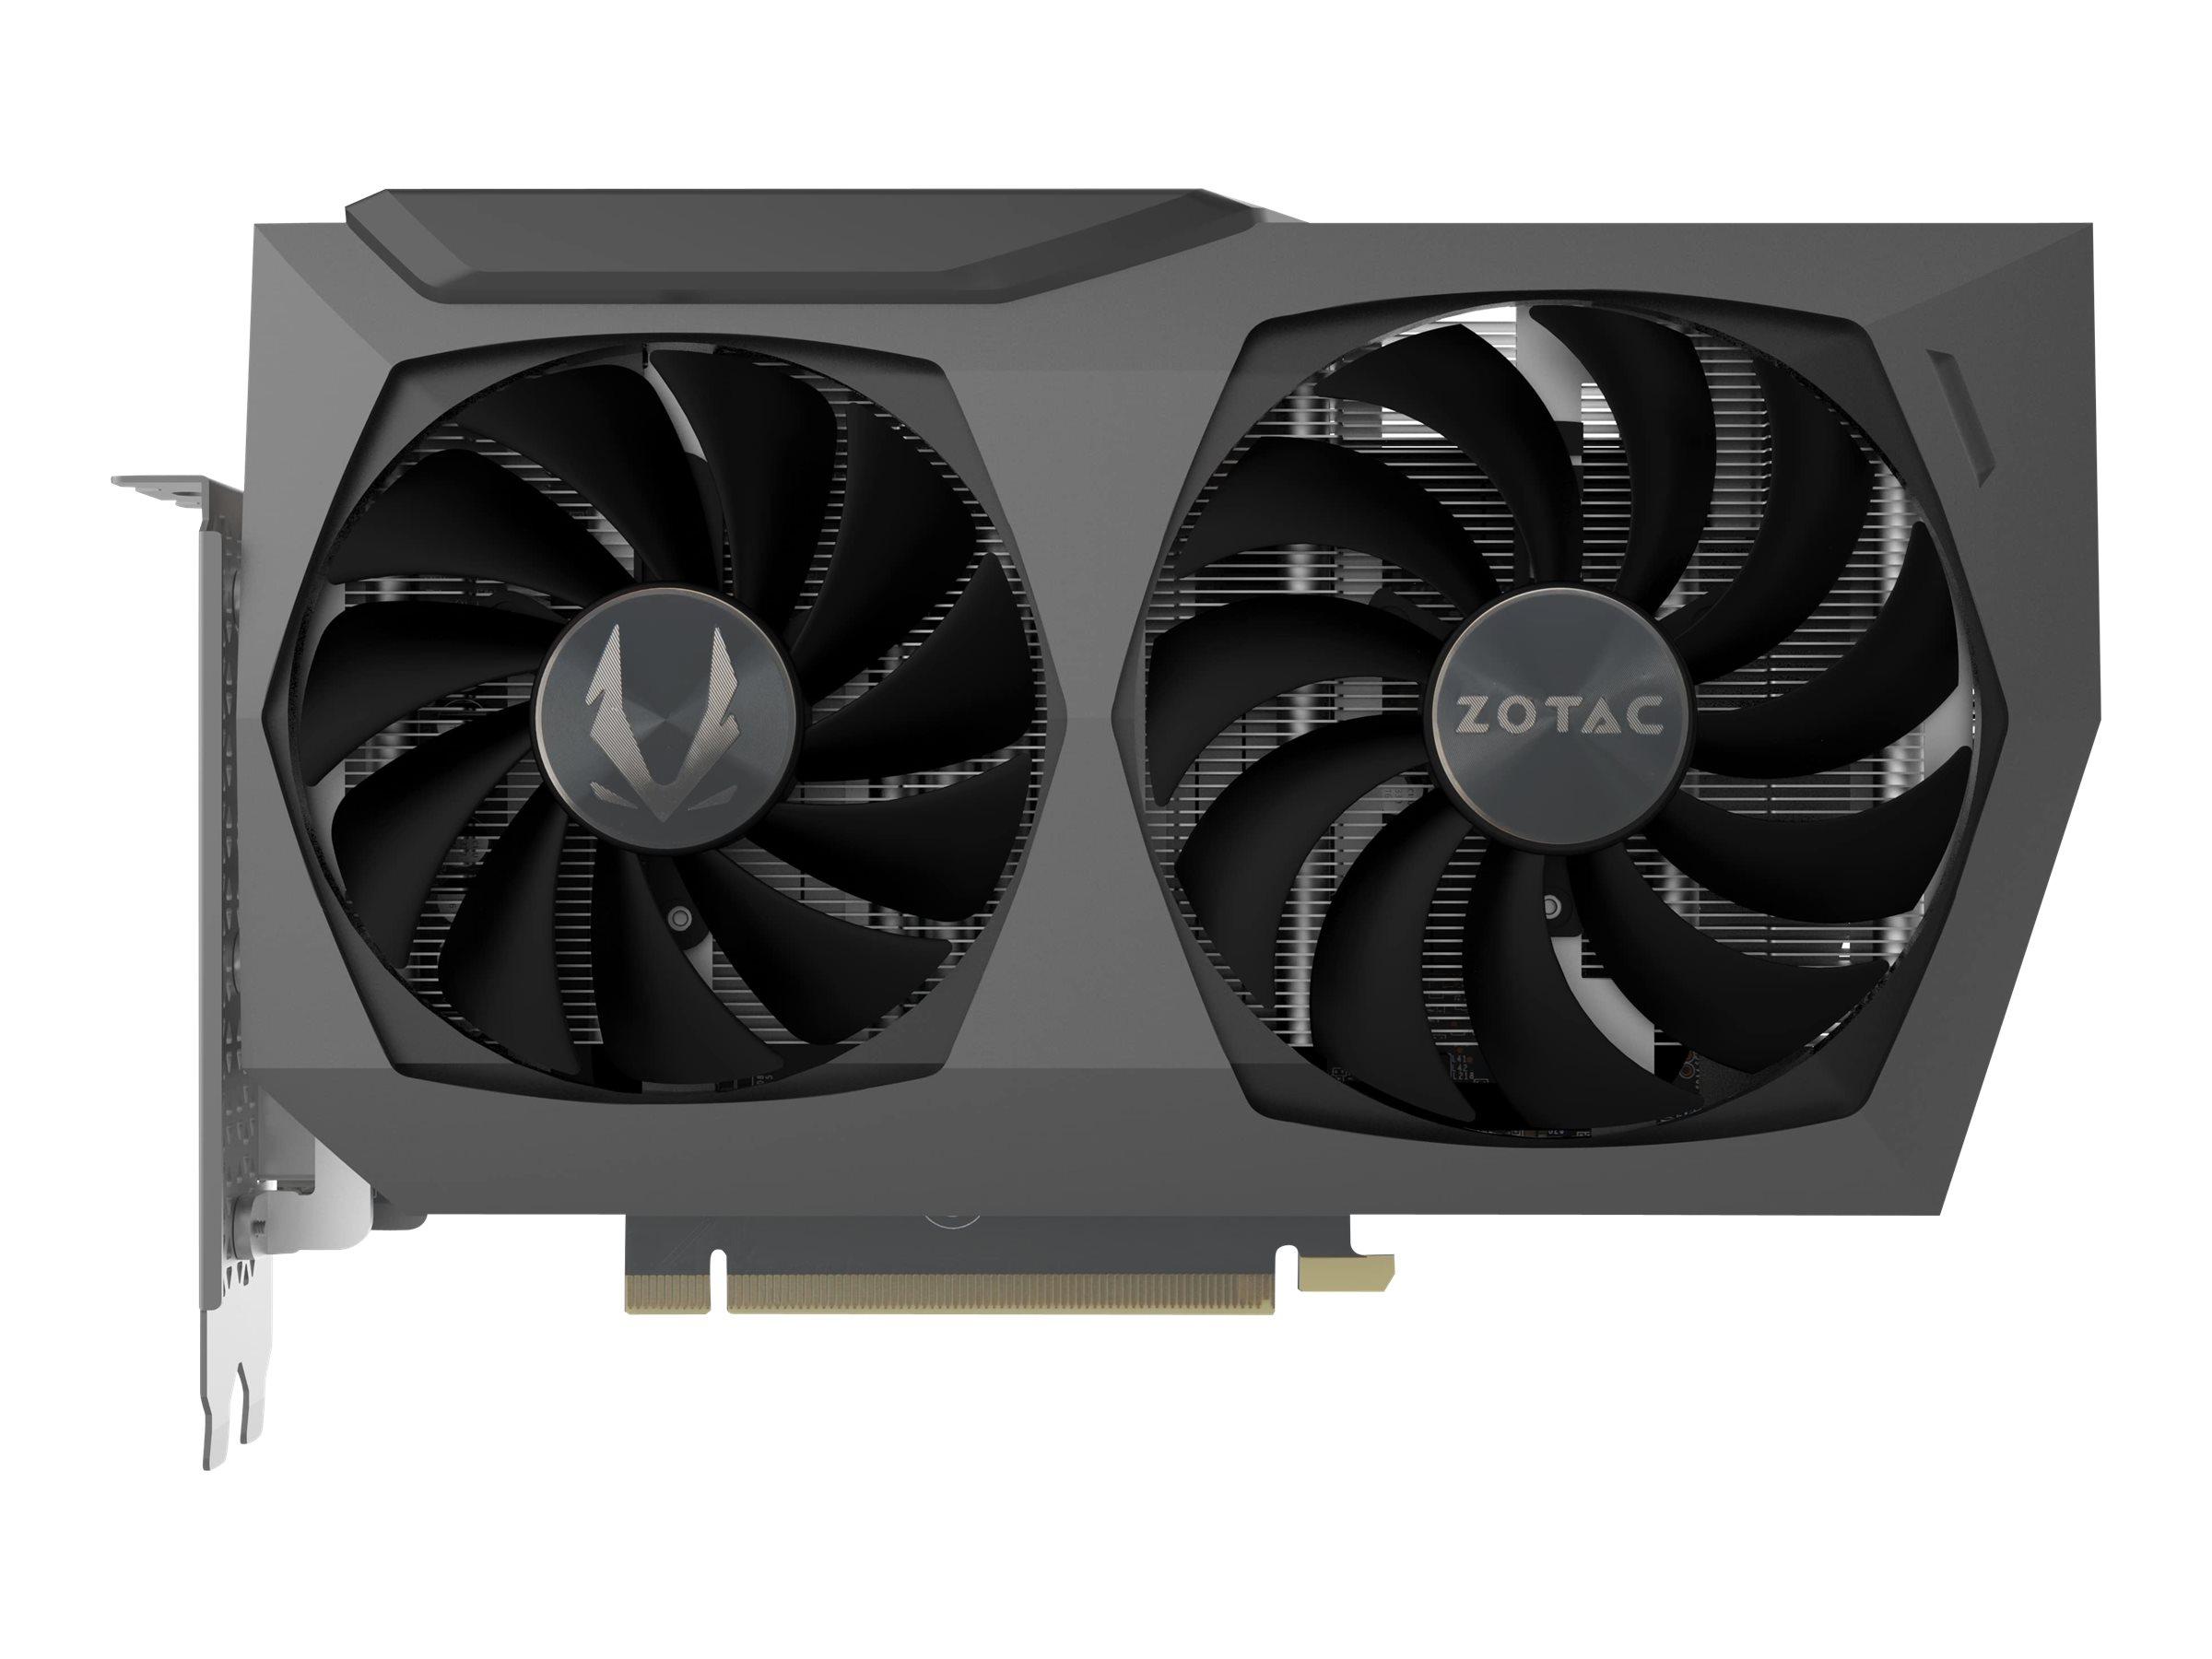 ZOTAC GAMING GeForce RTX 3070 Twin Edge OC - Grafikkarten